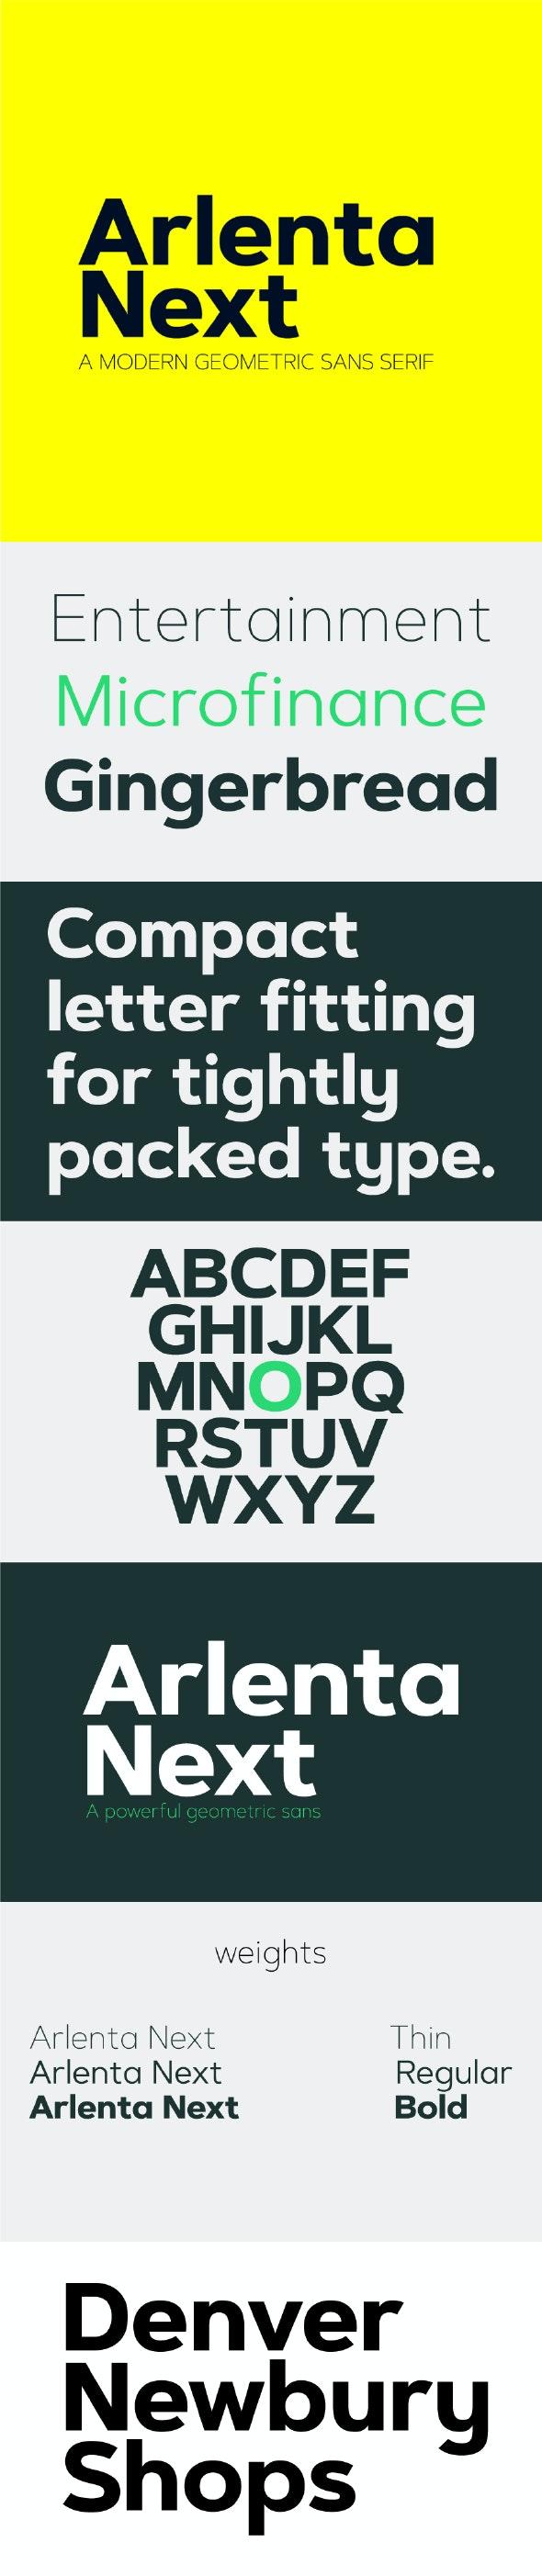 Arlenta Next Sans Font - Sans-Serif Fonts